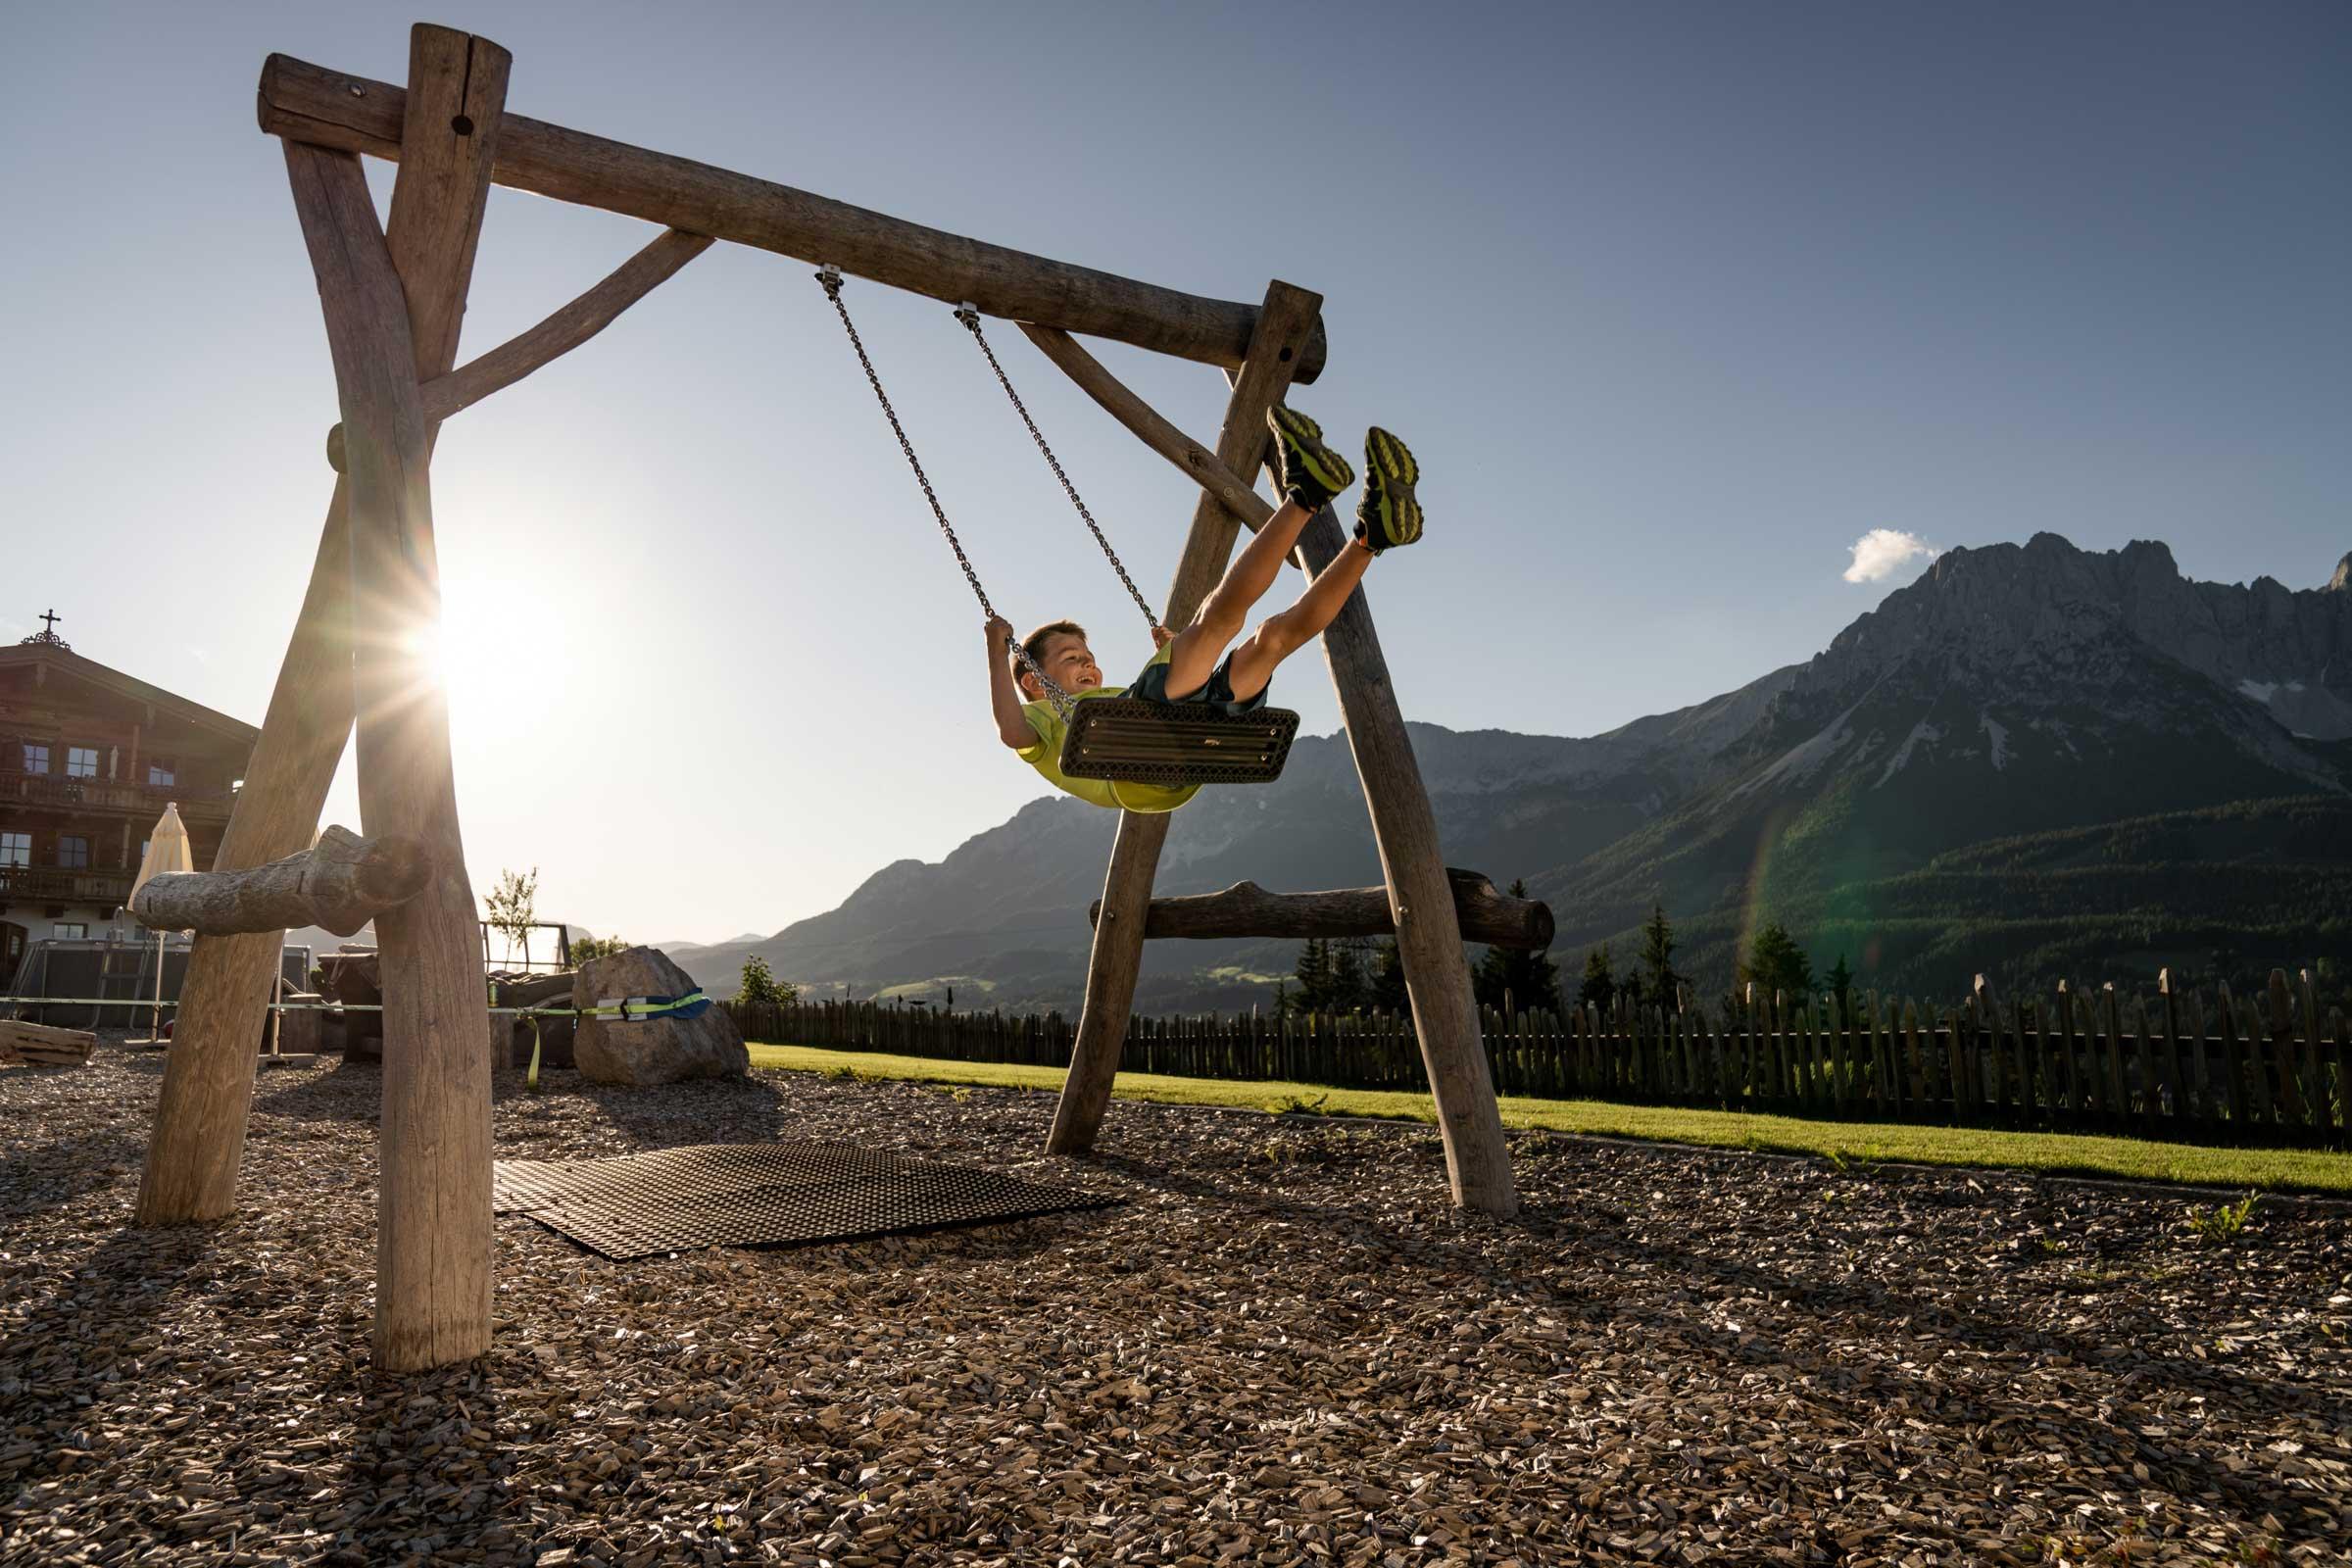 Ein Junge beim Schaukeln am Kinderspielplatz des Naschberghofes.